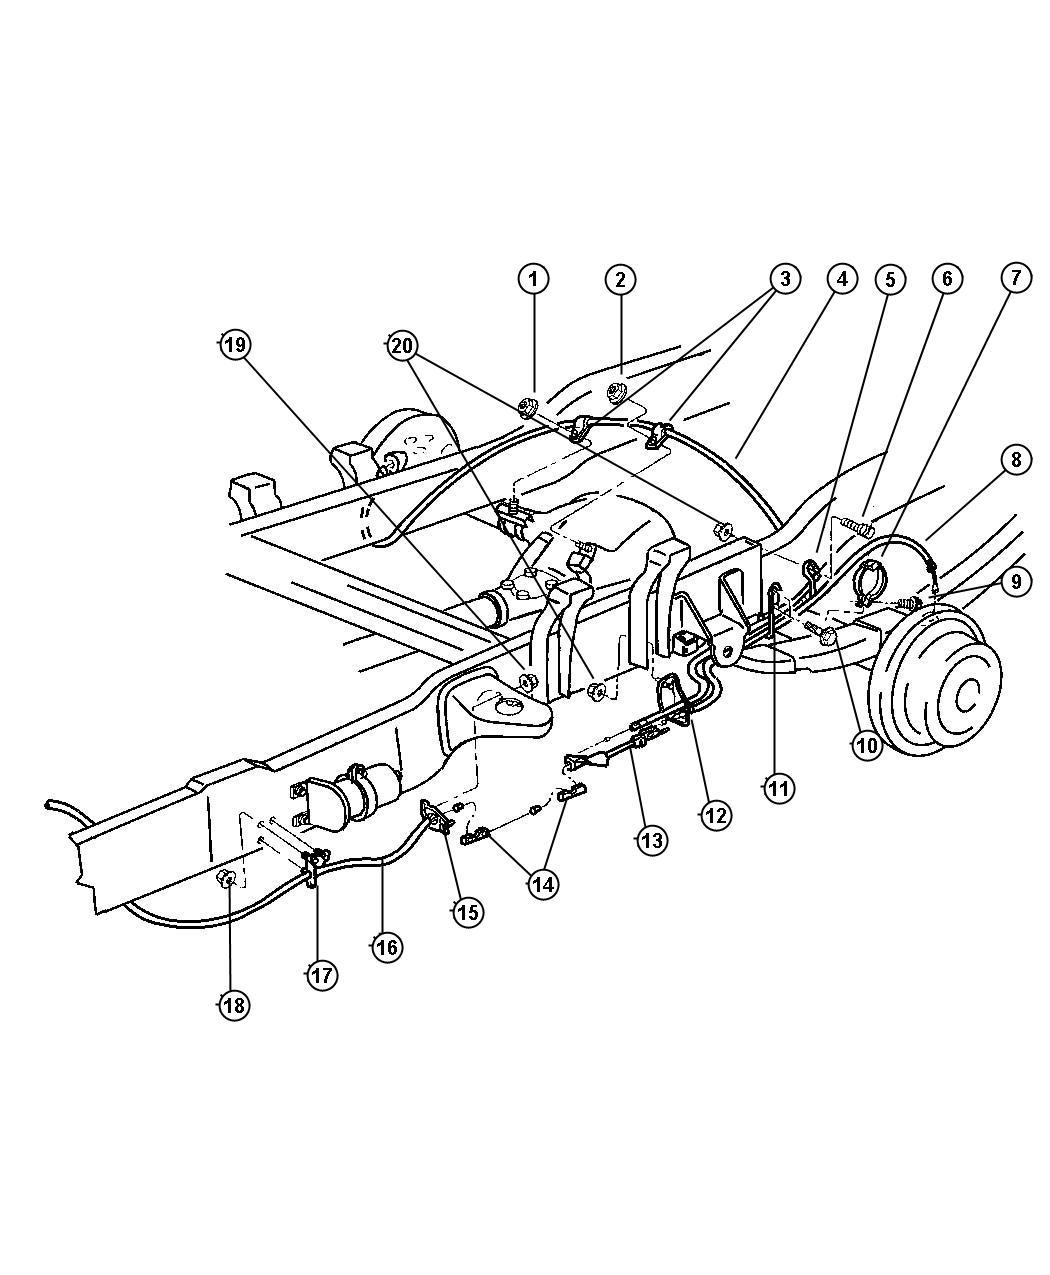 1998 dodge ram 1500 parking brake cables